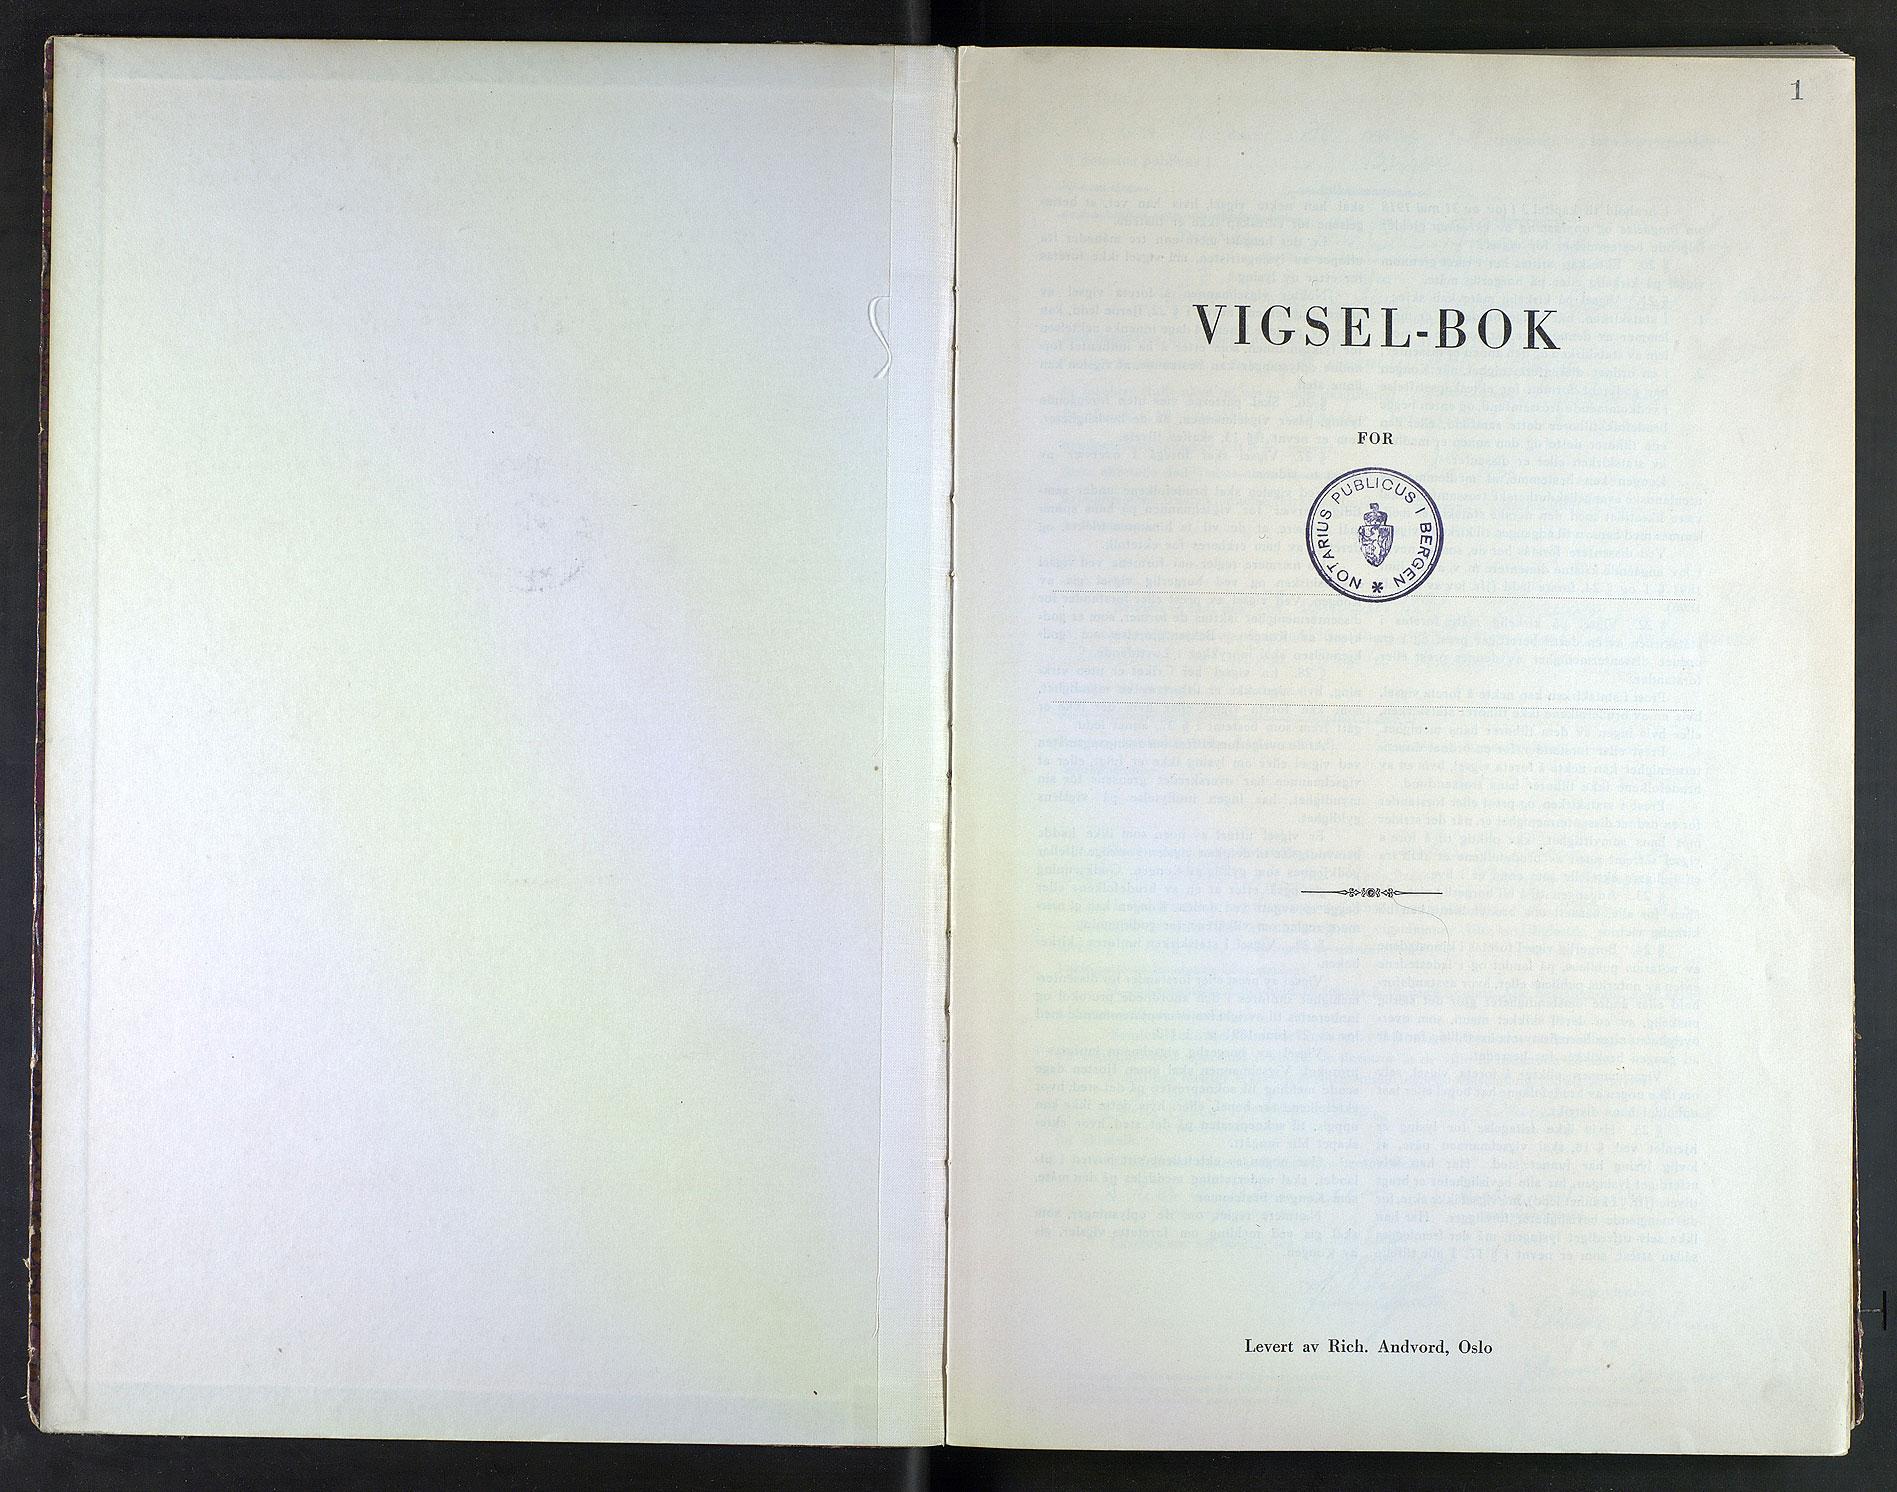 SAB, Bergen byfogd og byskriver*, 1942, s. 1